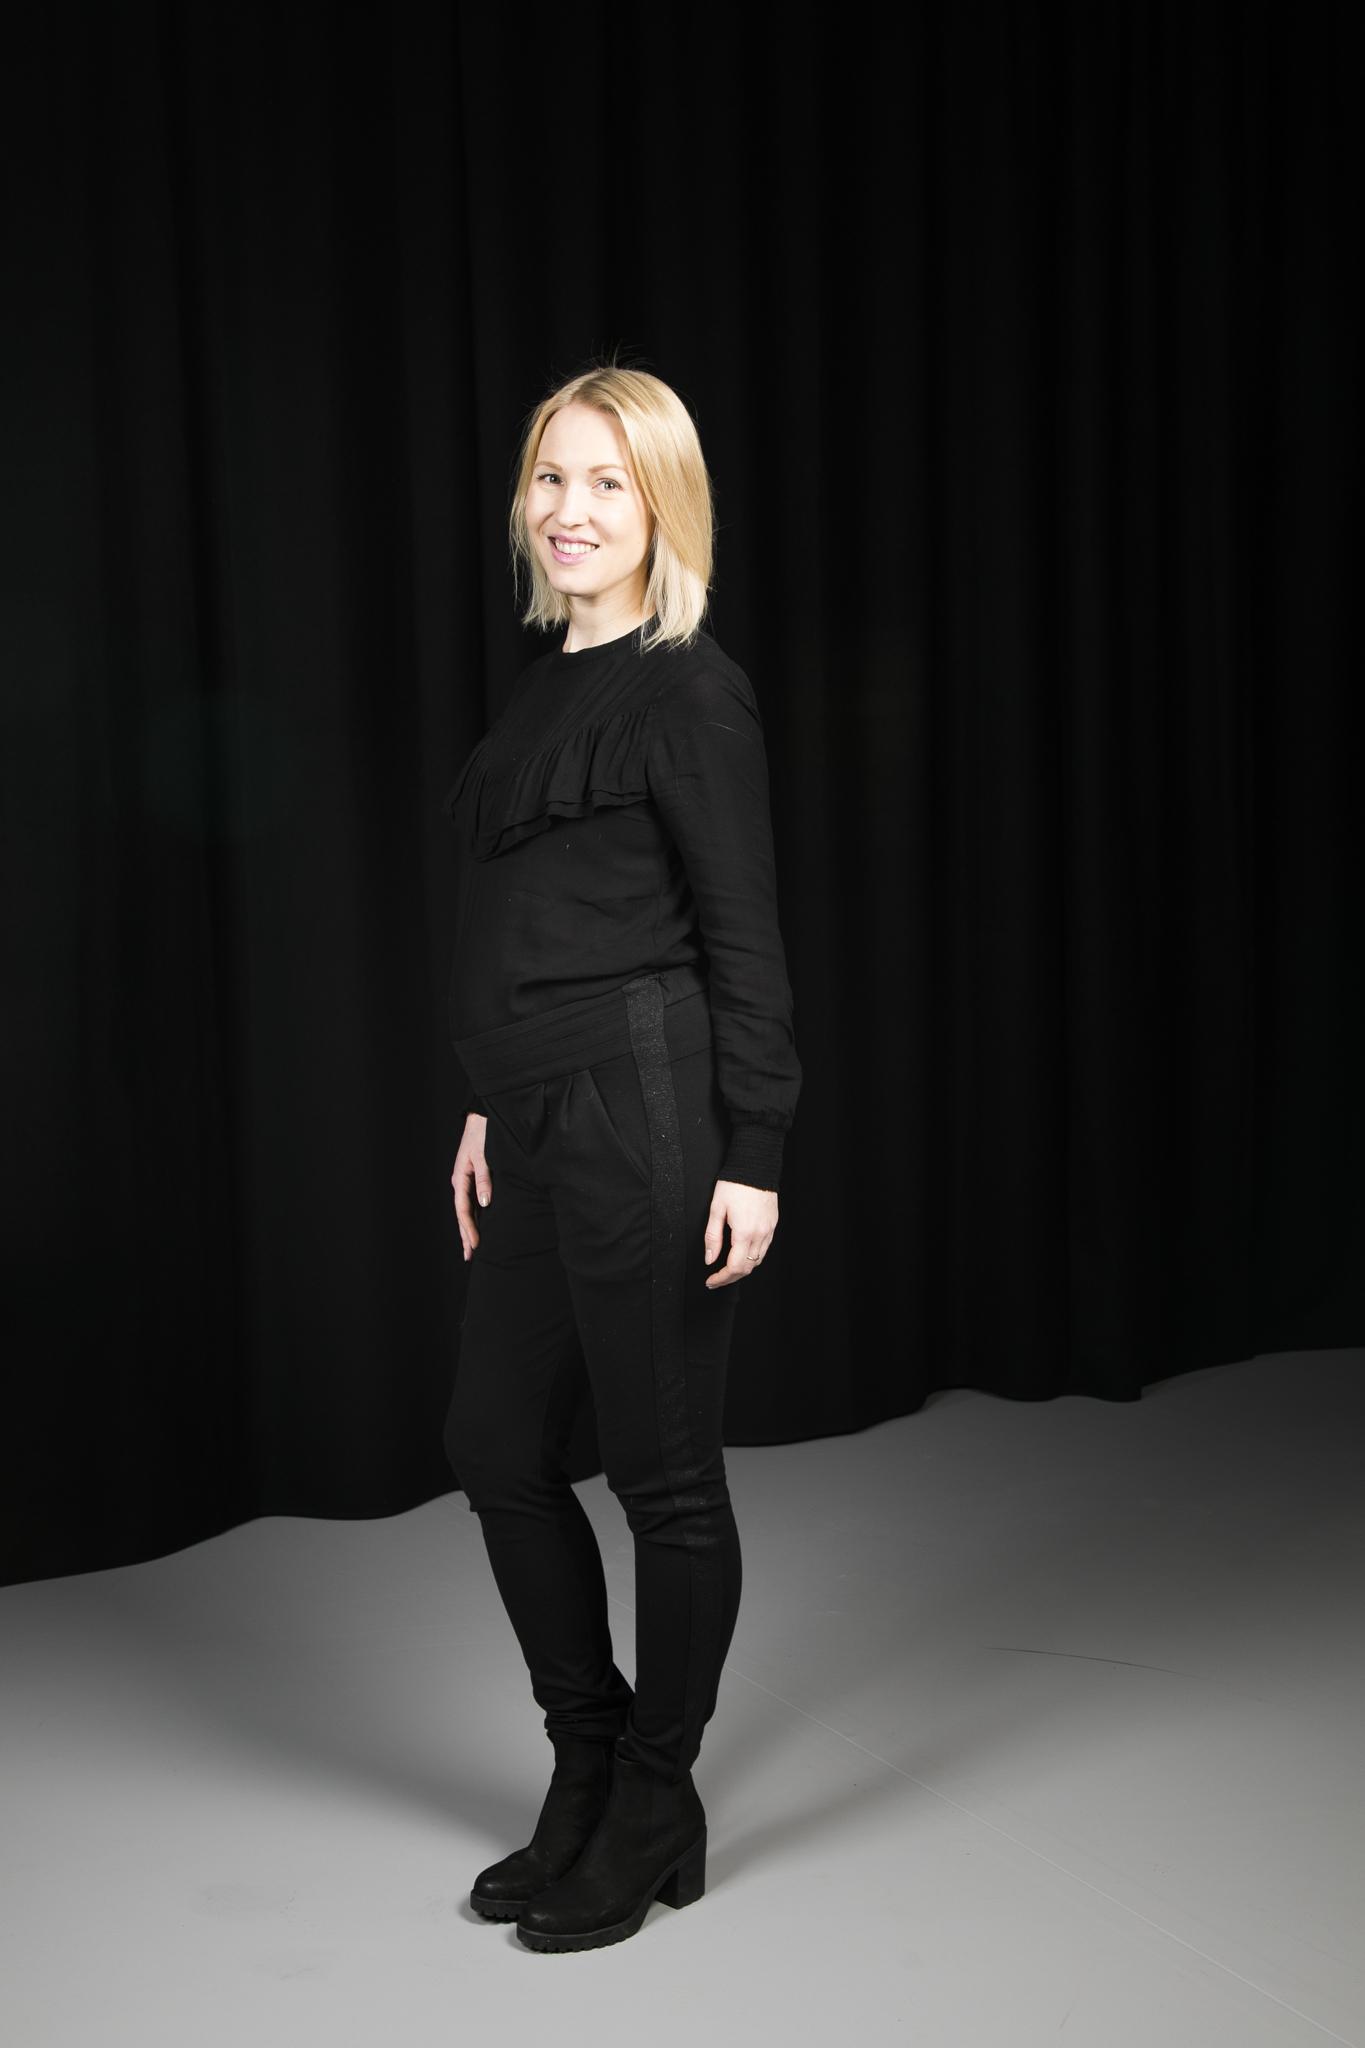 Noora Kykkänen/Tanssin talo. Kuva: Jonne Sippola